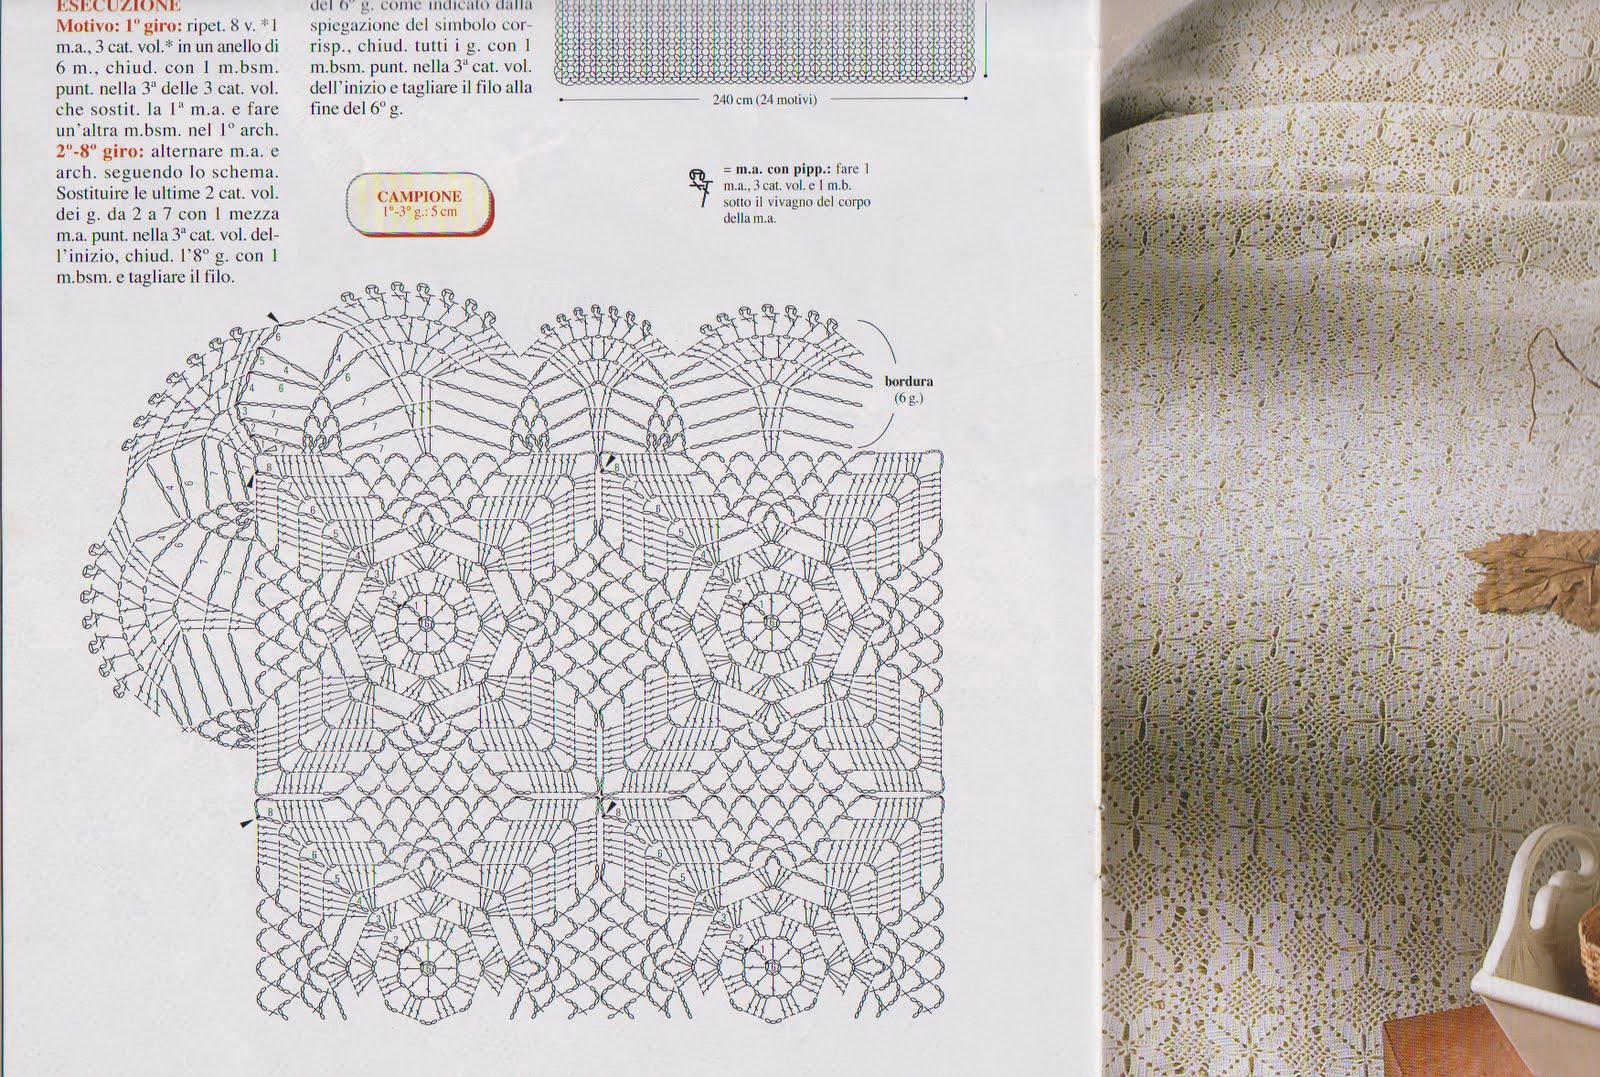 La bottega delle meraviglie di gabry schemi per copriletto for Tovaglie all uncinetto